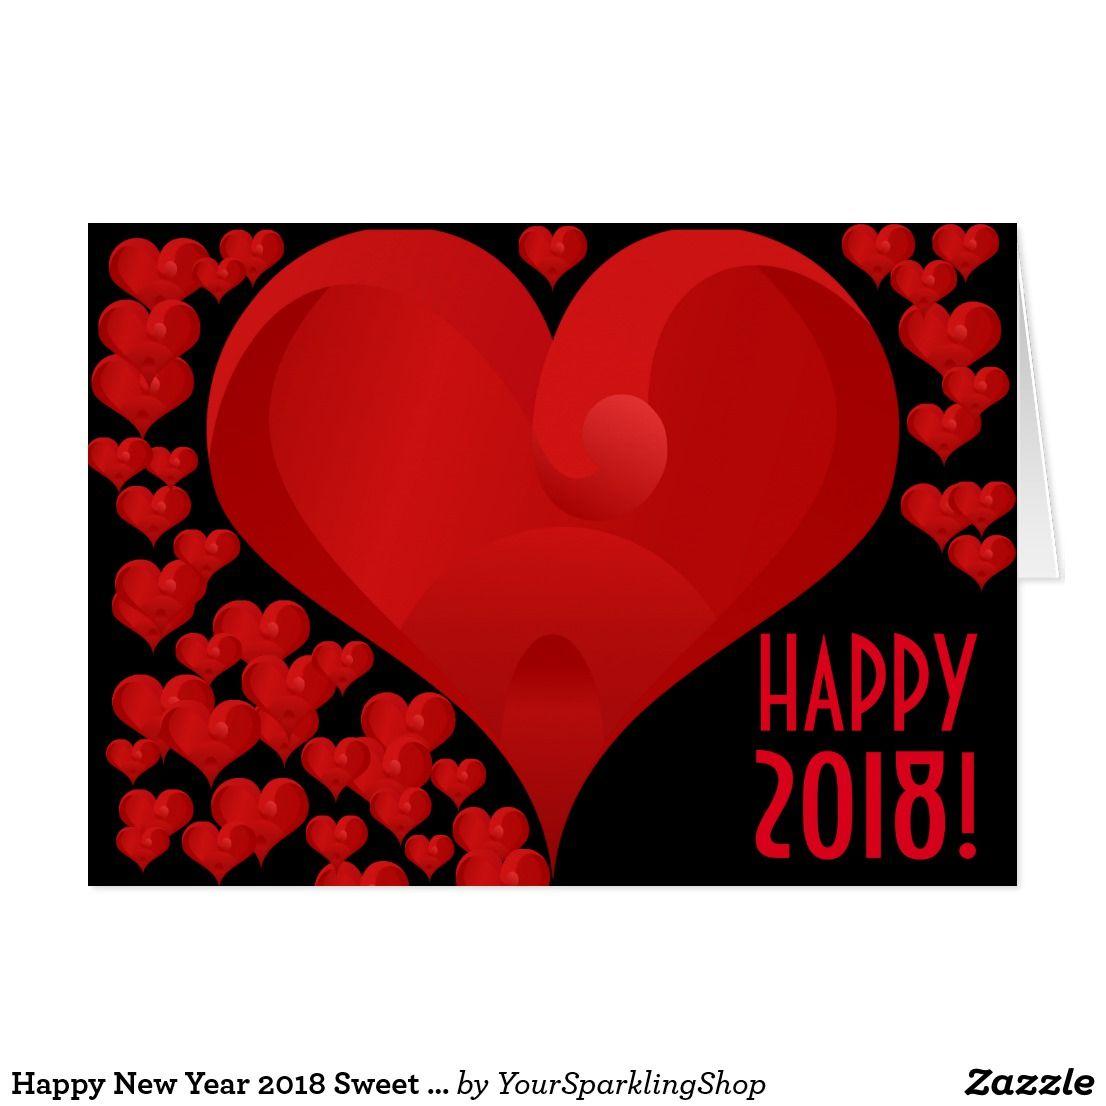 Happy New Year 2018 Sweet Valentine Love Heart Red Valentine